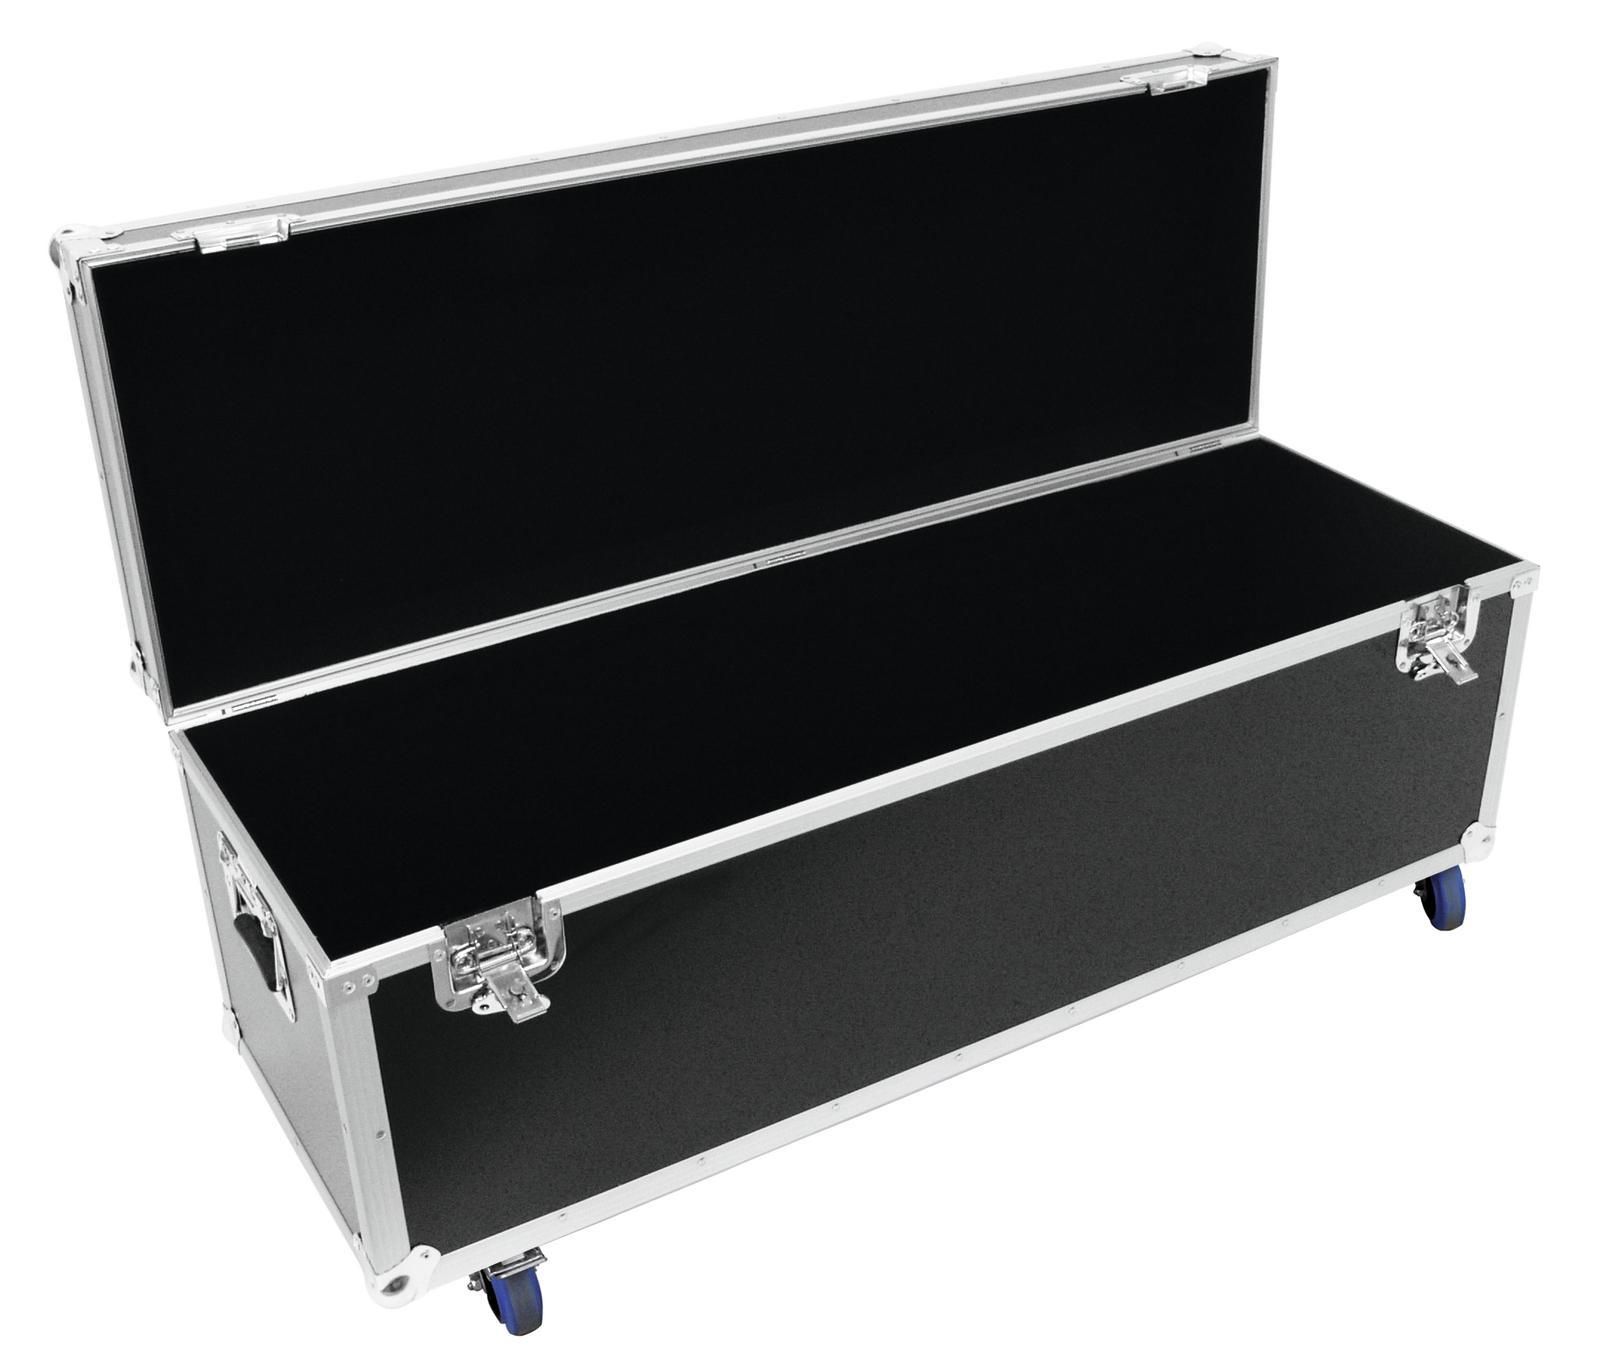 Univerzální transportní Case, 1200 x 400 x 430 mm, 7 mm, s kolečky